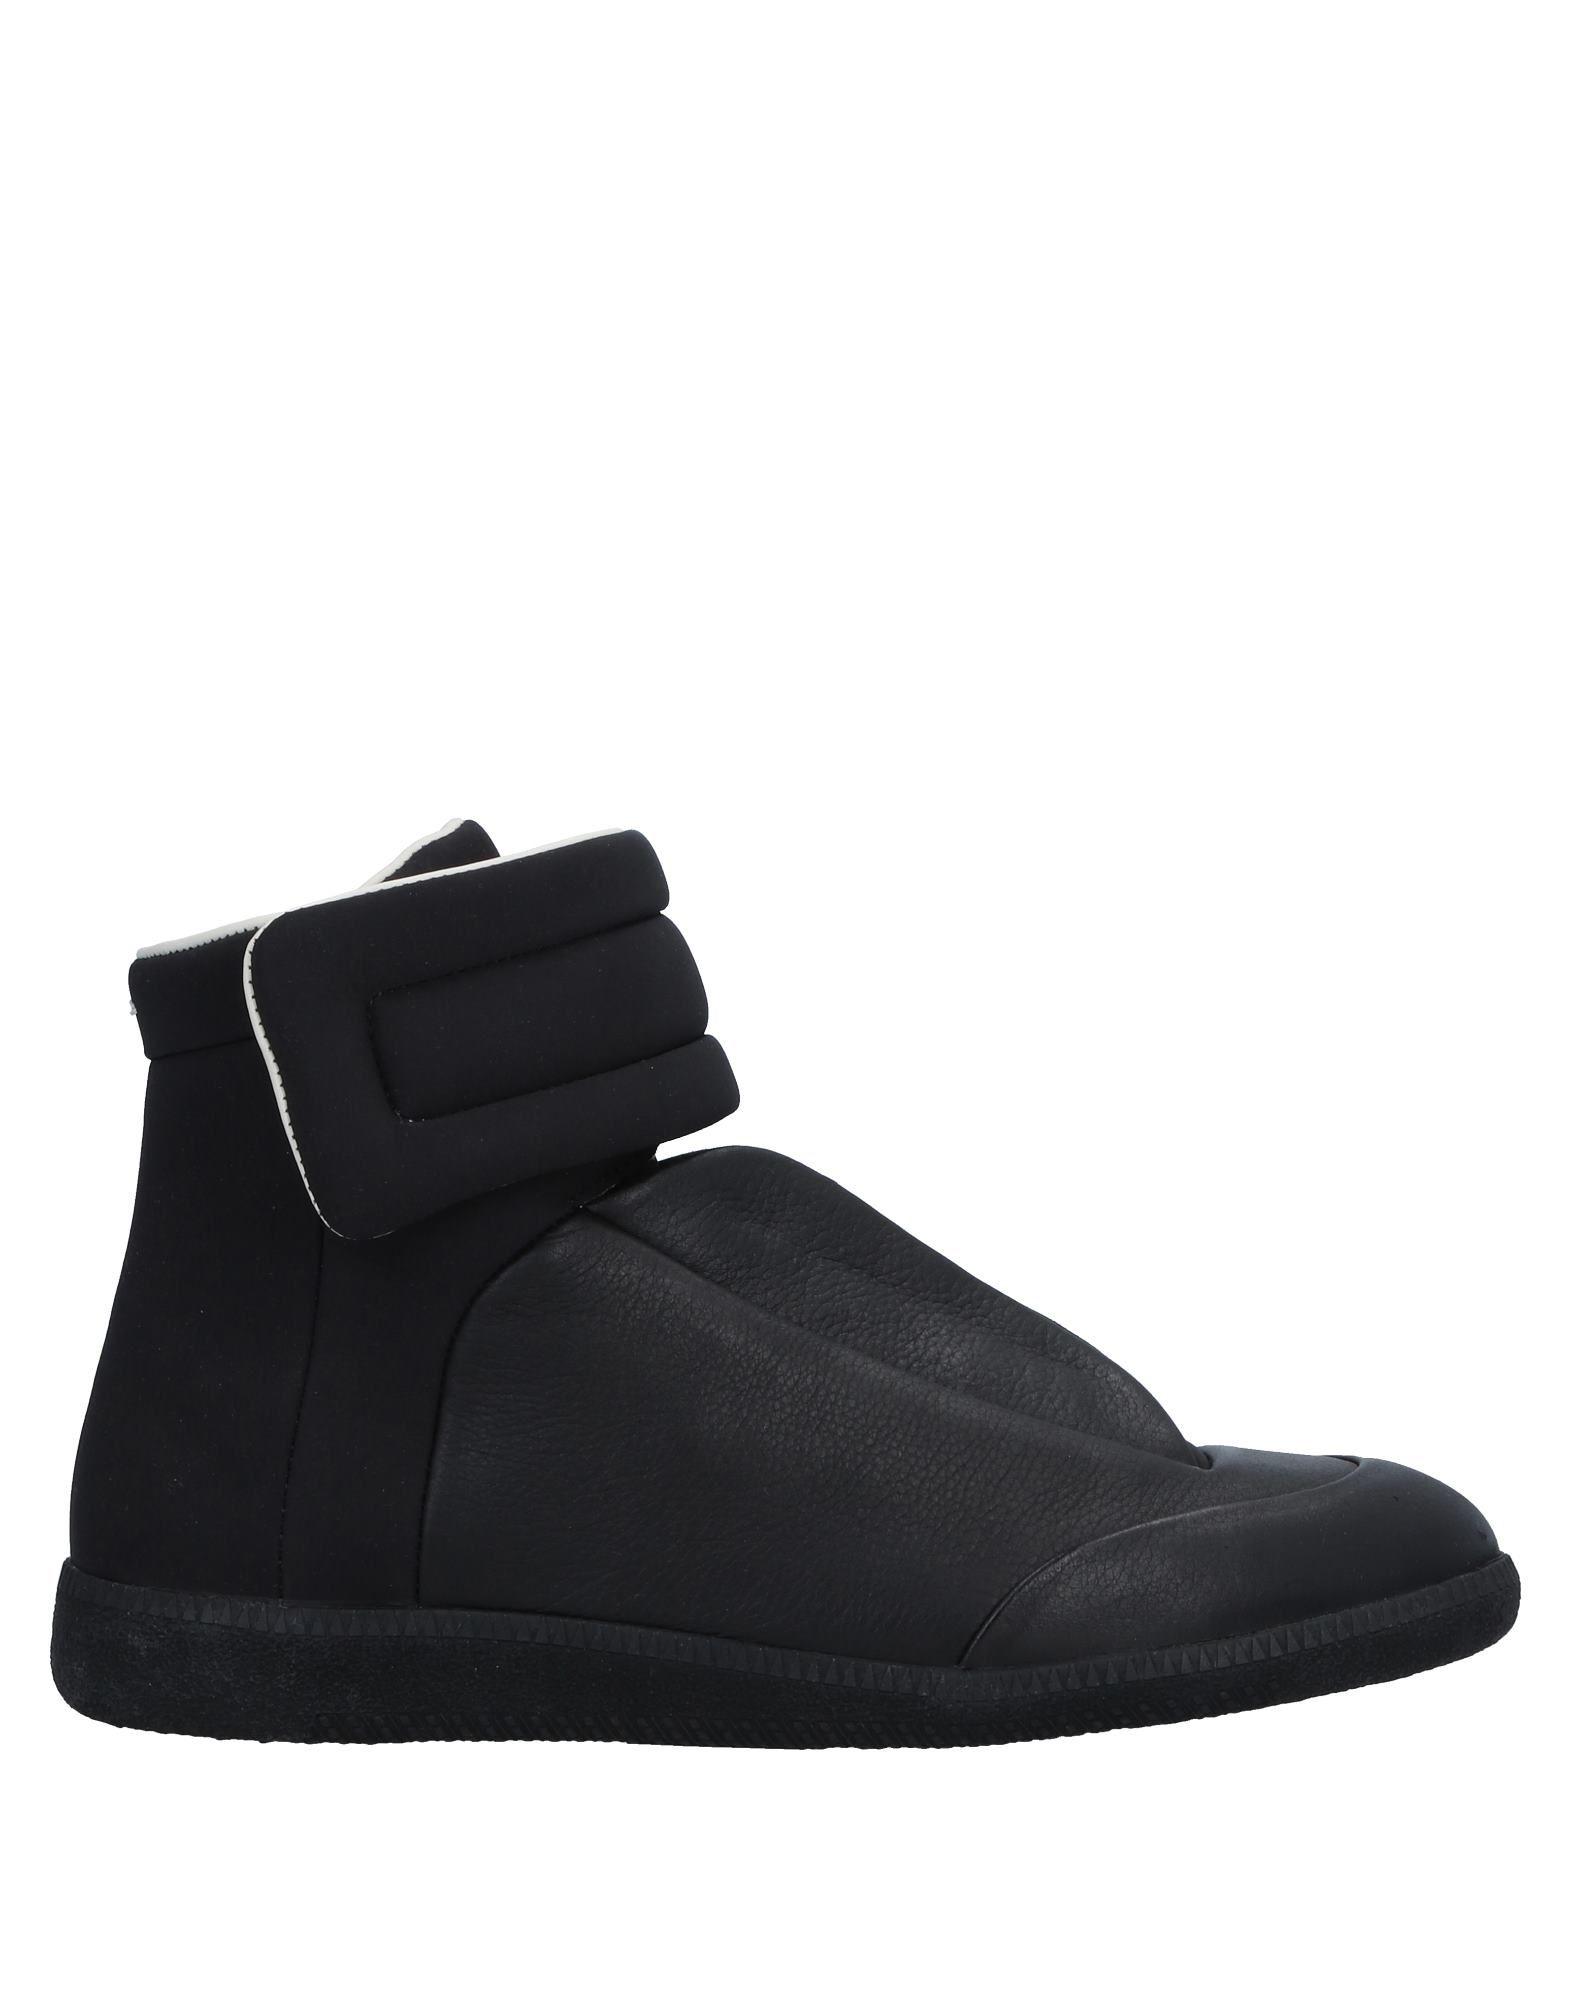 Sneakers Maison Noir Margiela Homme - Sneakers Maison Margiela  Noir Maison Remise de marque b3726a